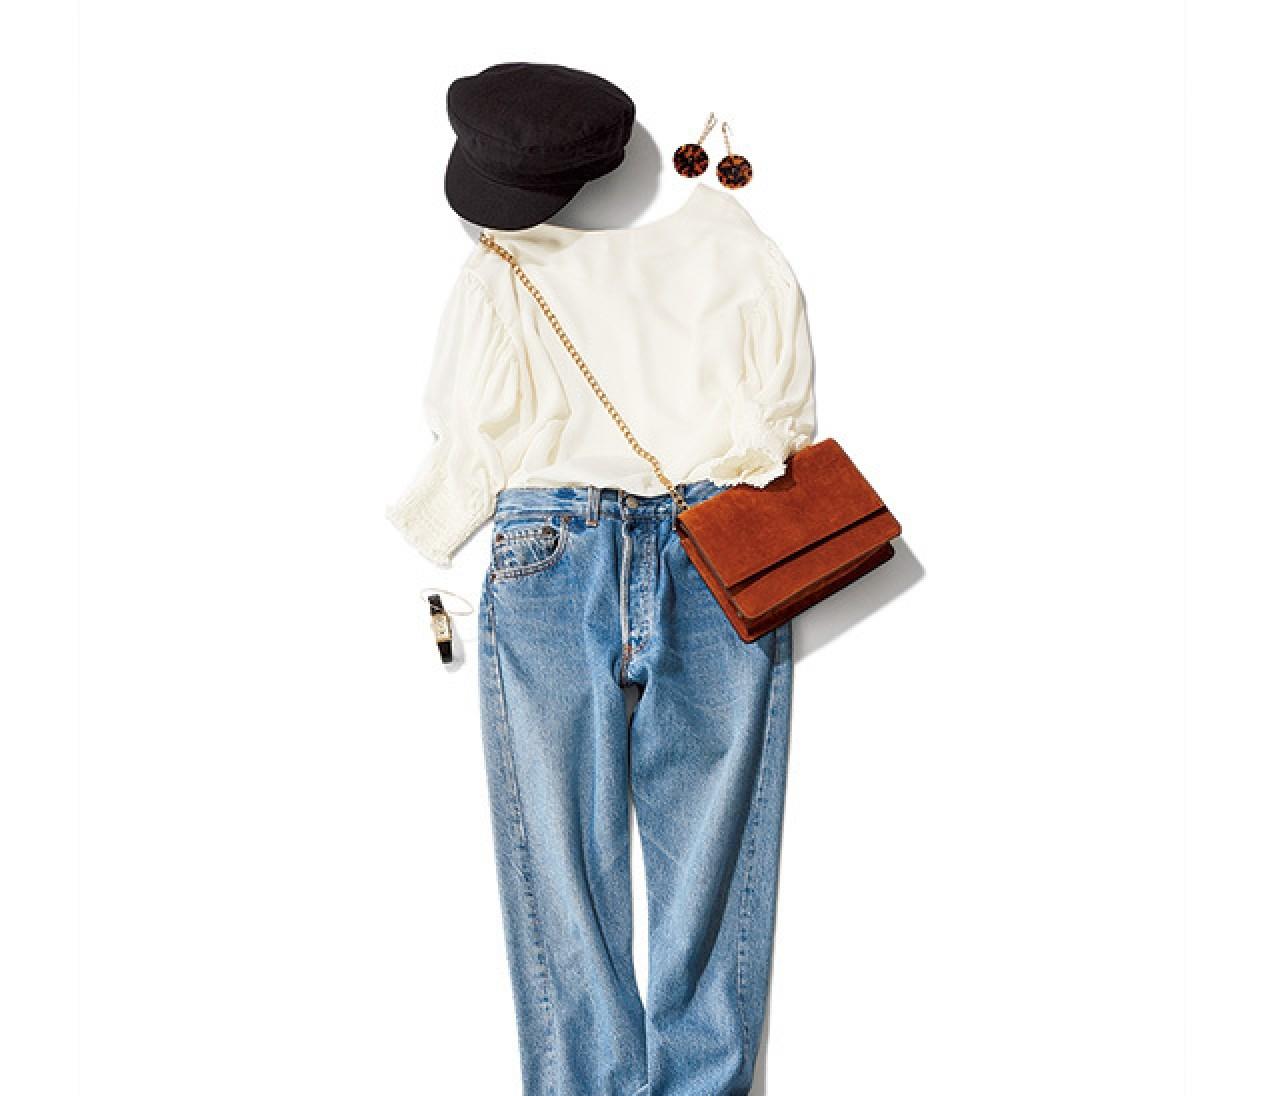 女っぽさ上々! 休日パリジェンヌ風デニムスタイルの作り方♡【2018/5/4のコーデ】